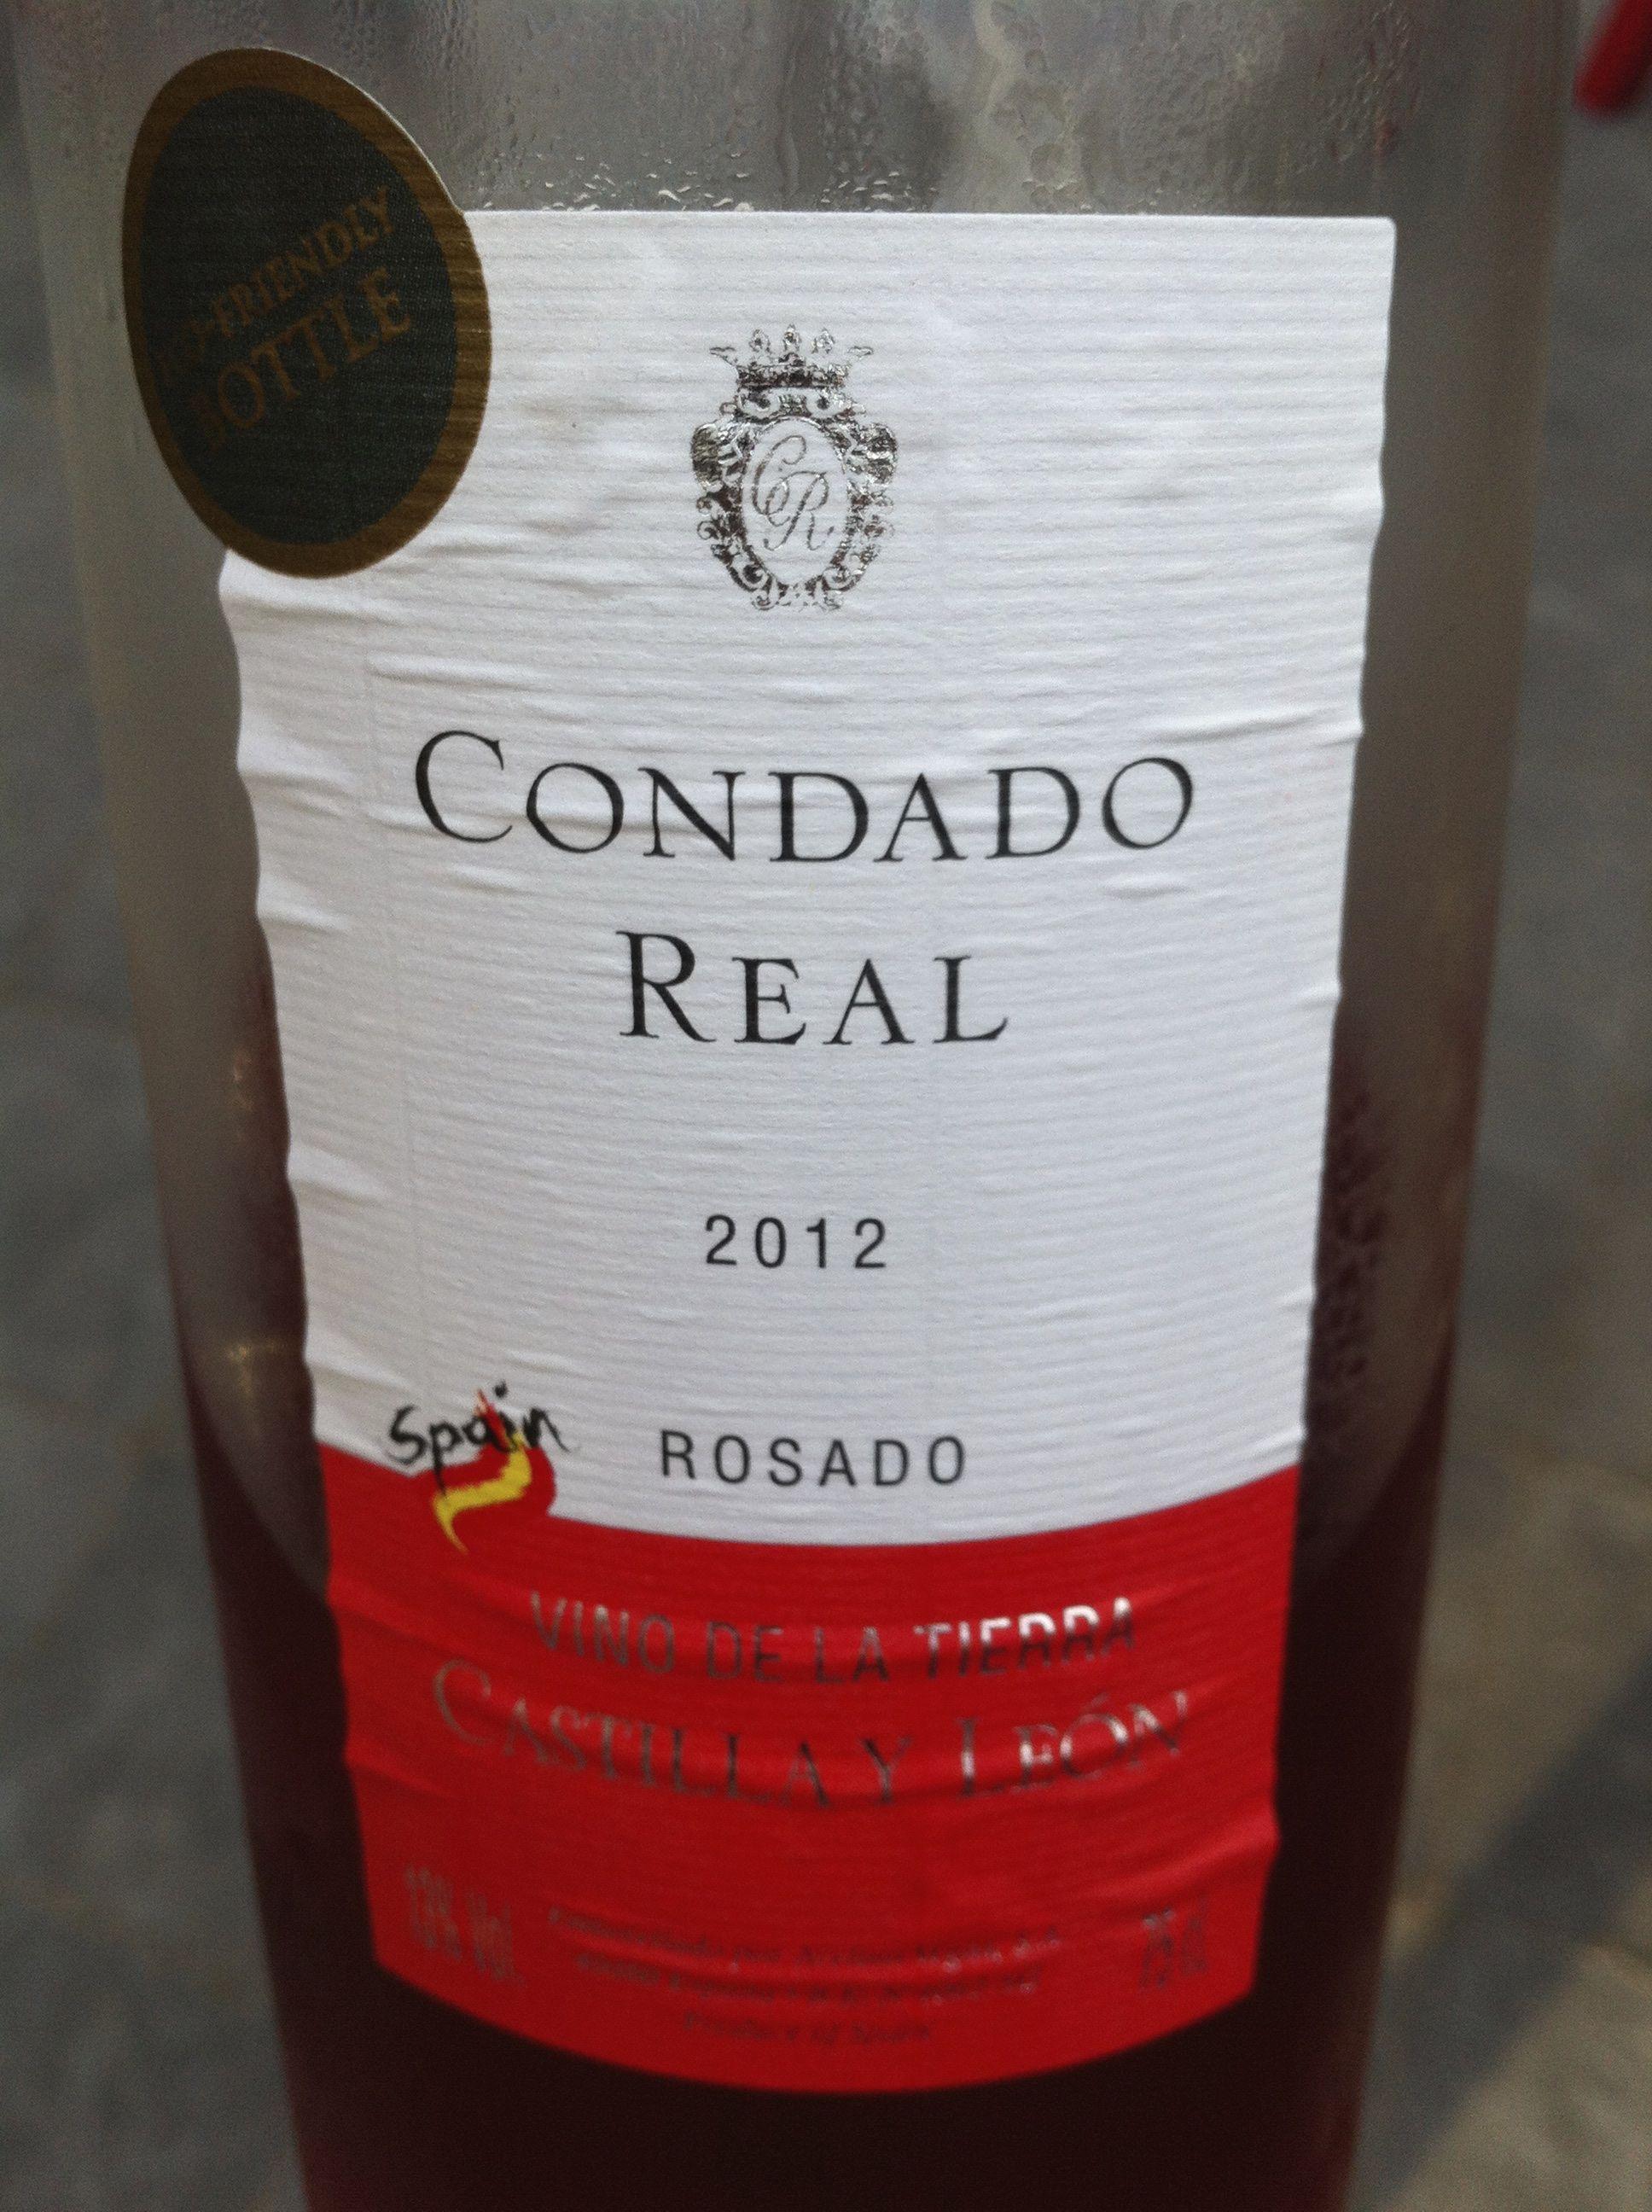 Condado Real 2012